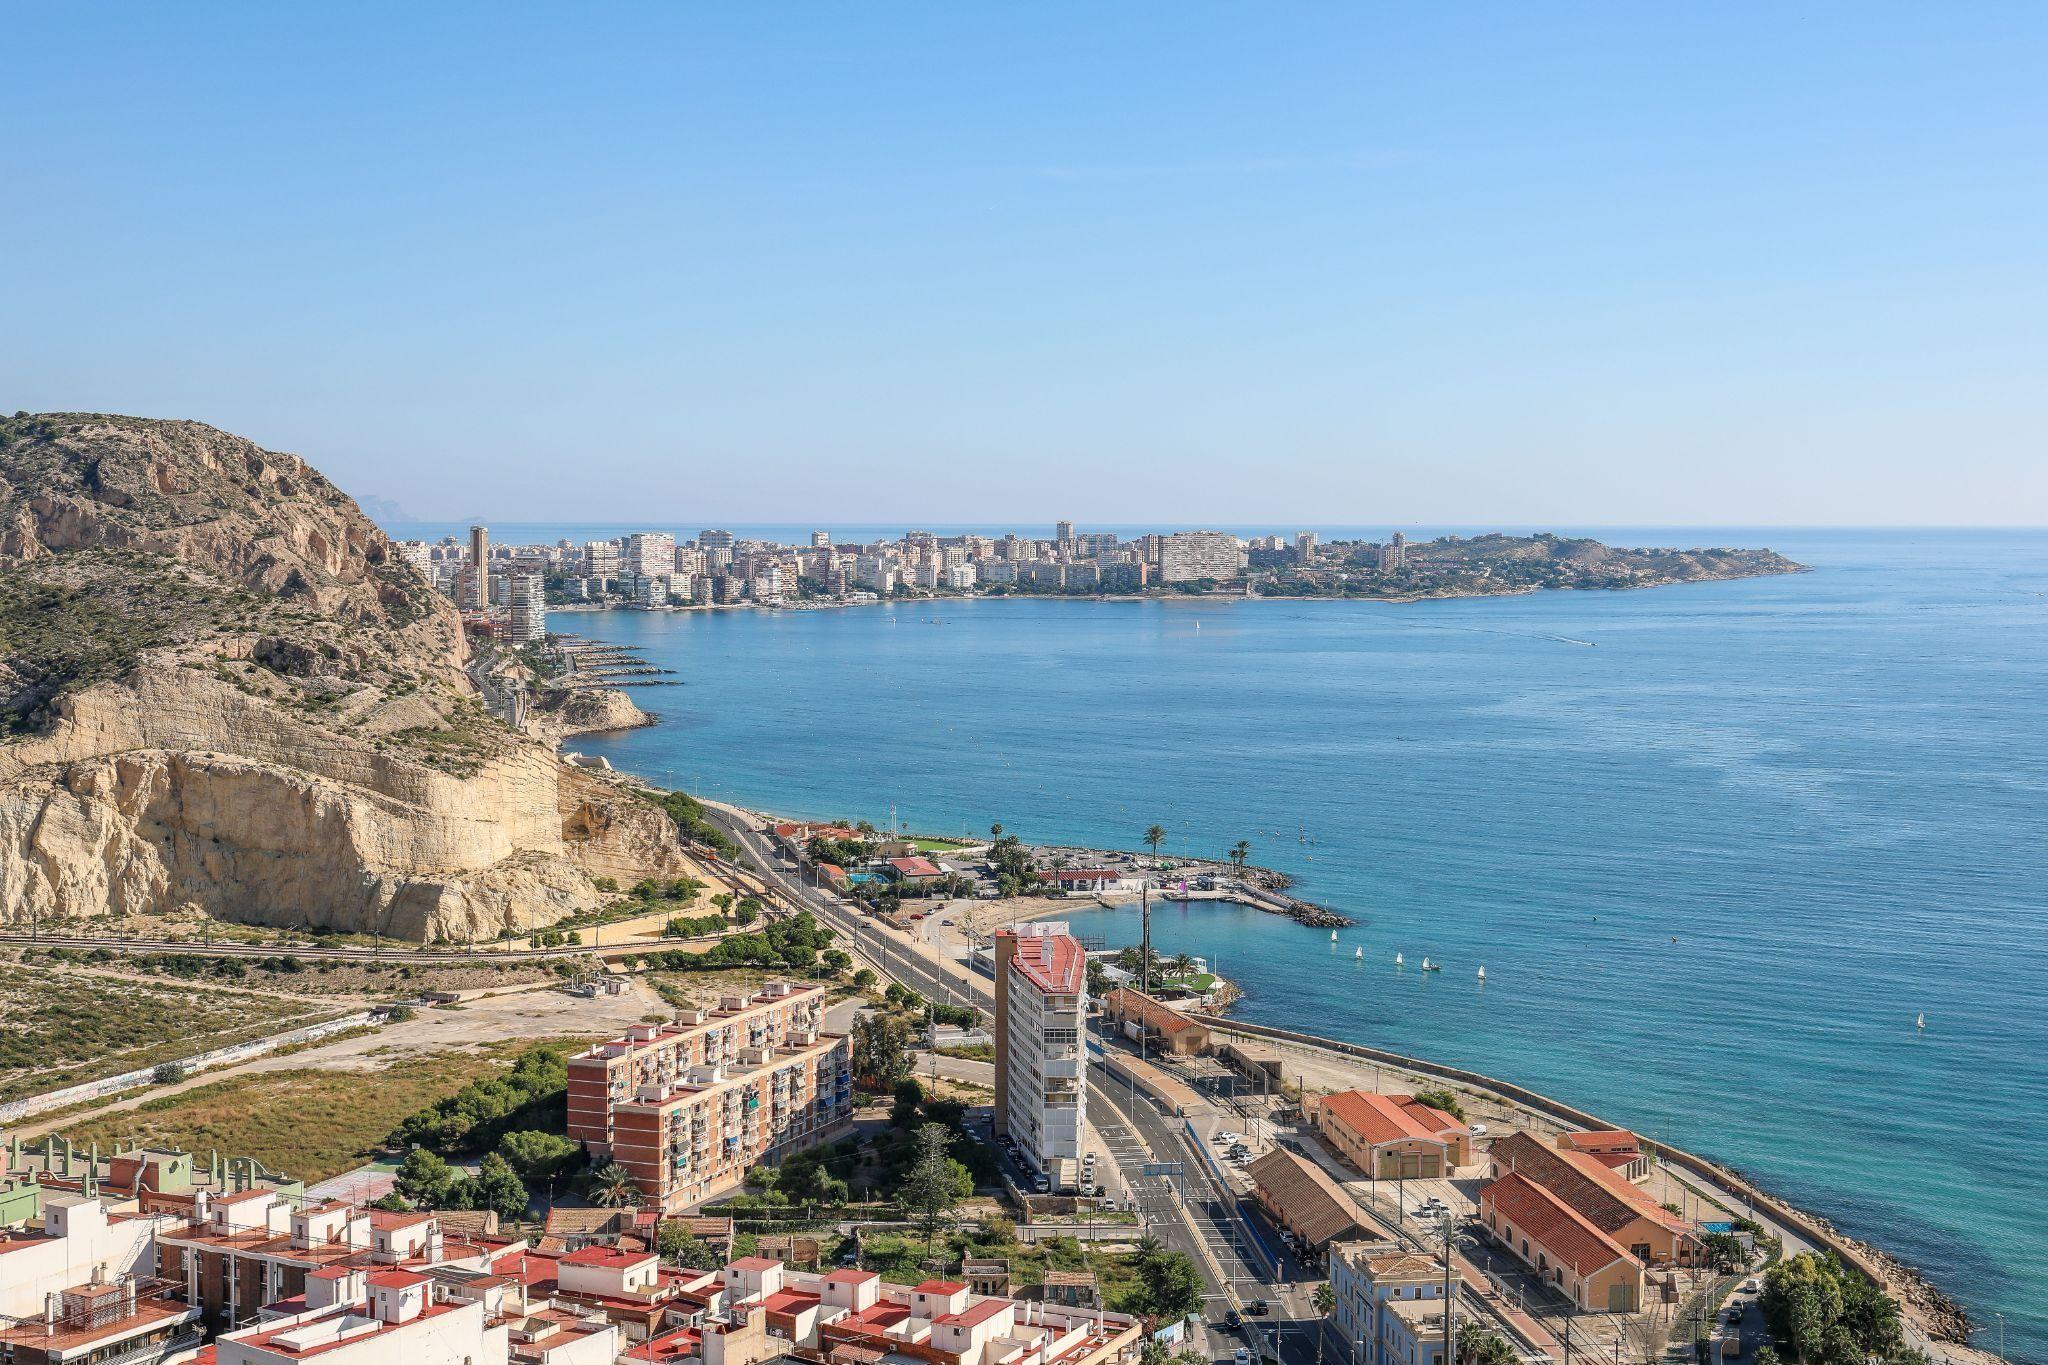 ¿Por qué vivir en Arenys de Mar?